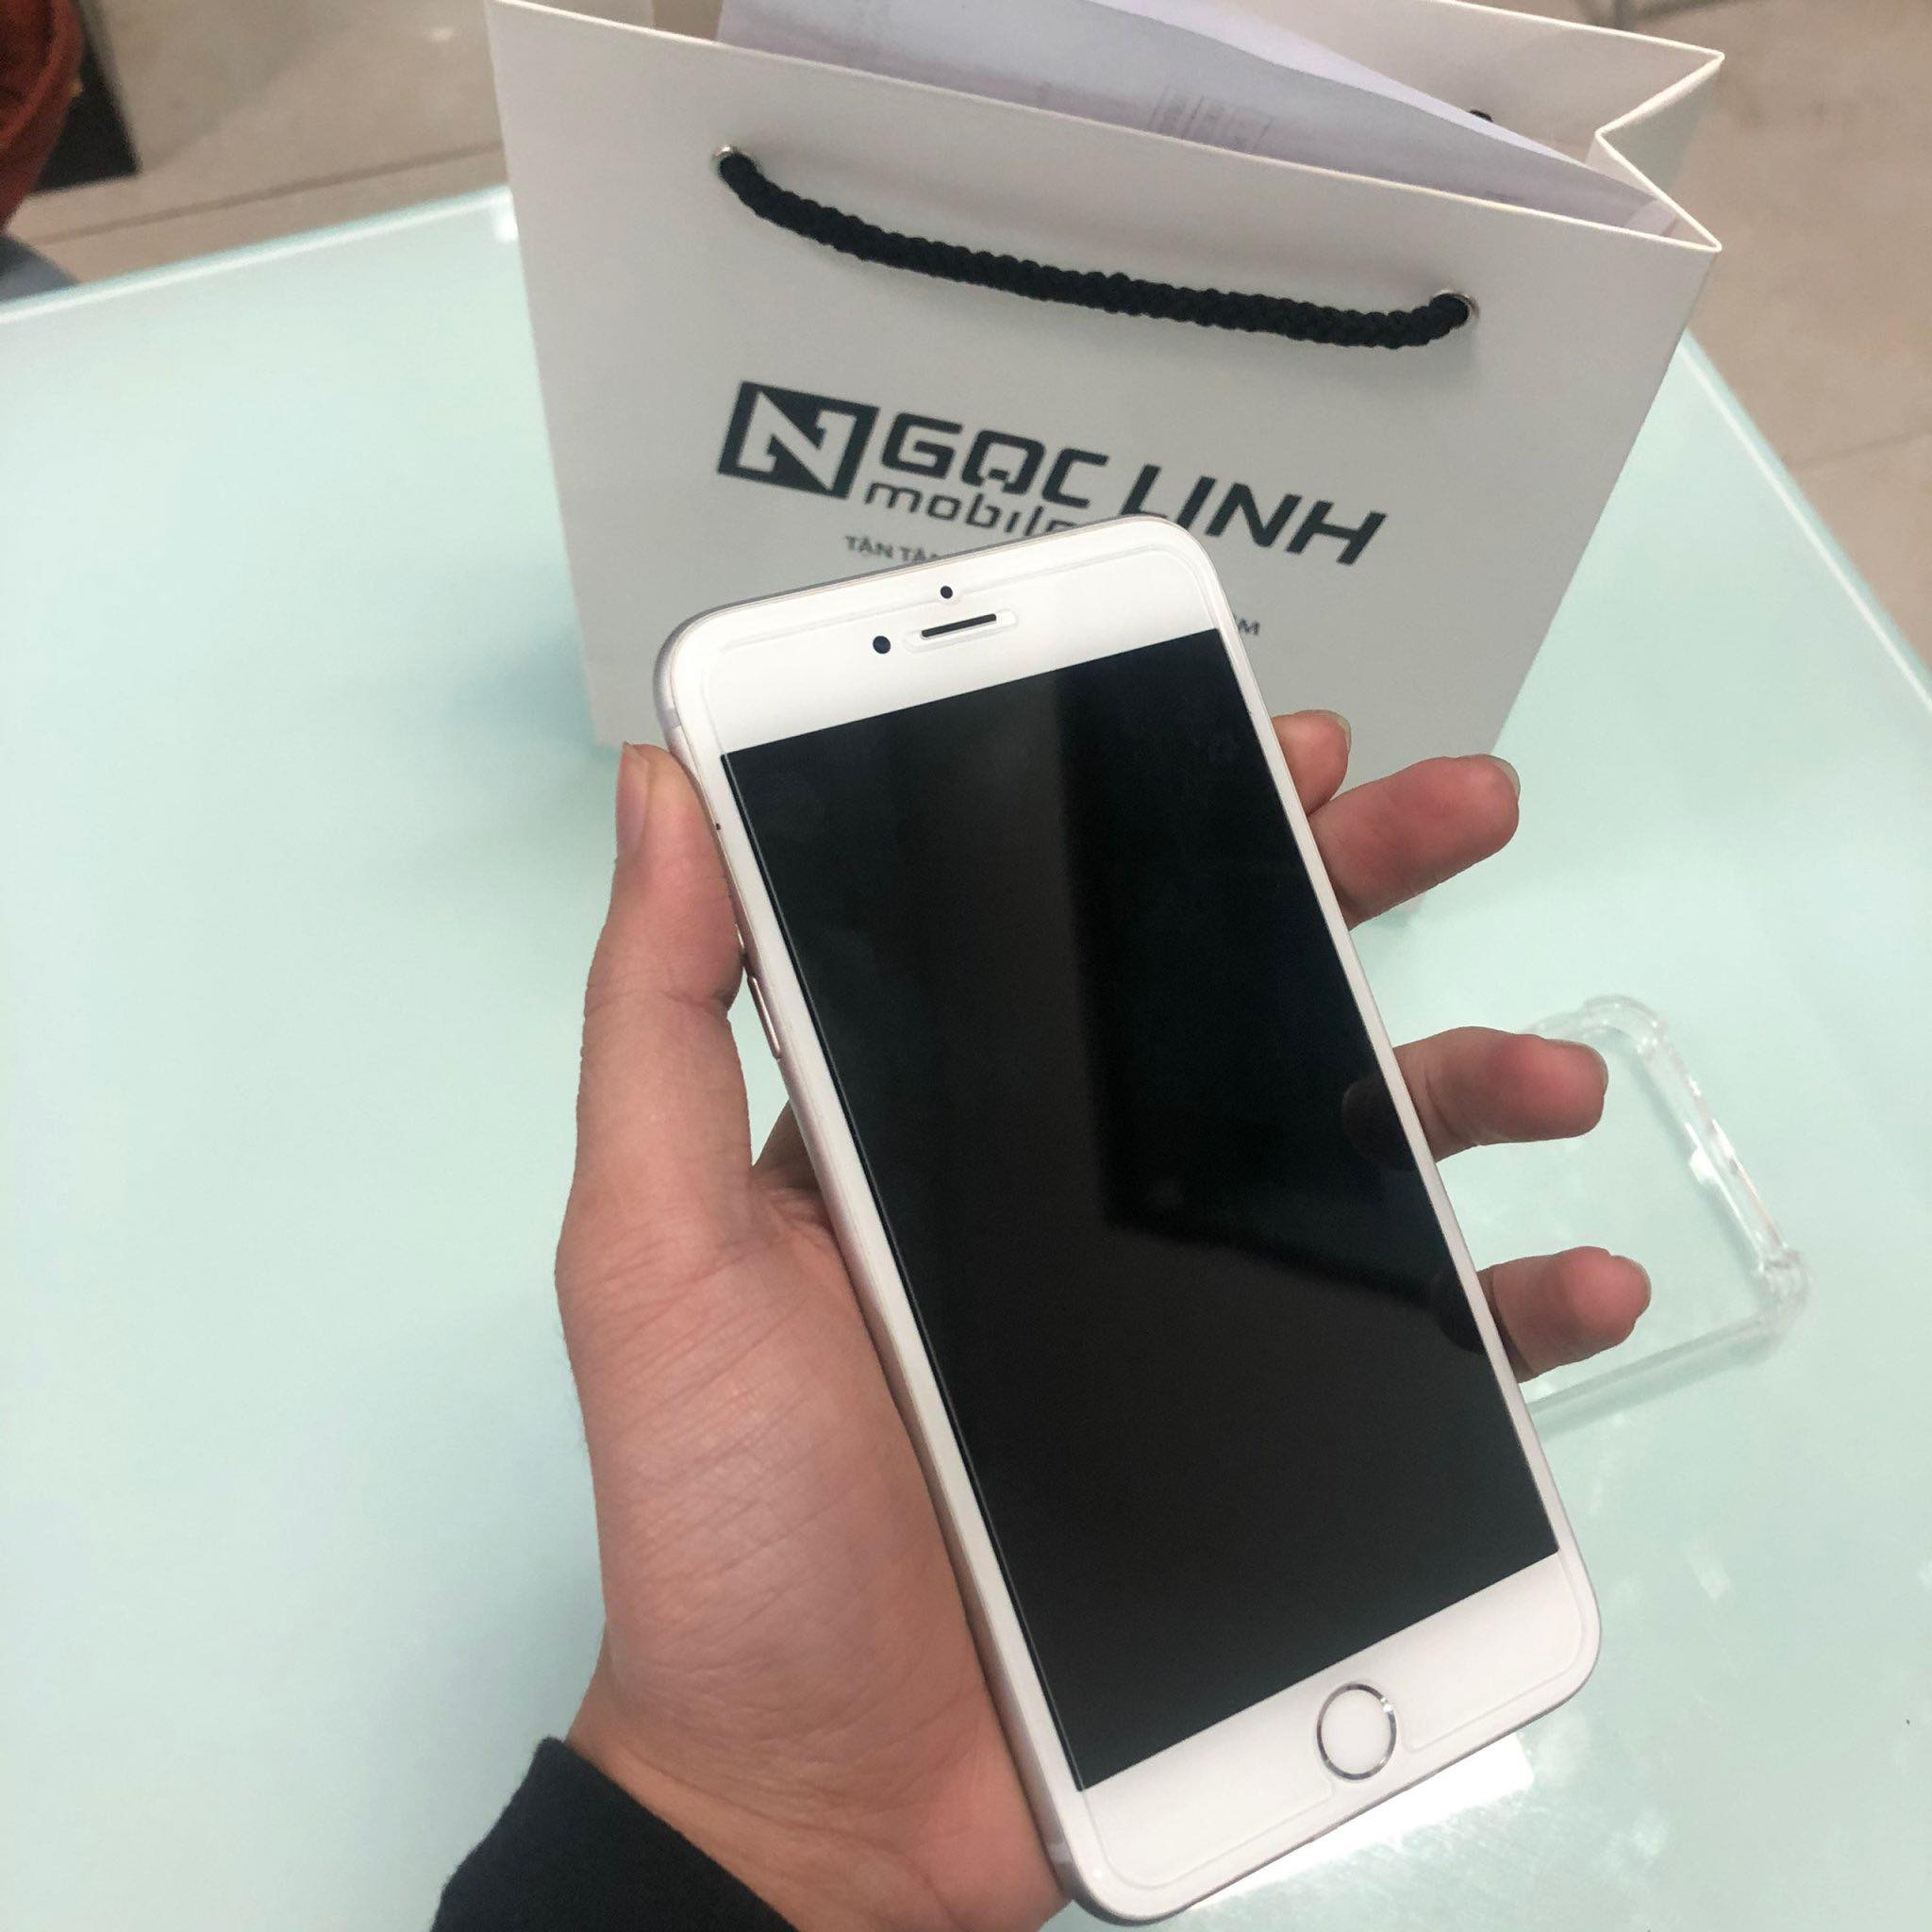 iPhone 6s Plus iPhone 6s Plus - iPhone 6s Plus liệu còn chỗ đứng trên thị trường?